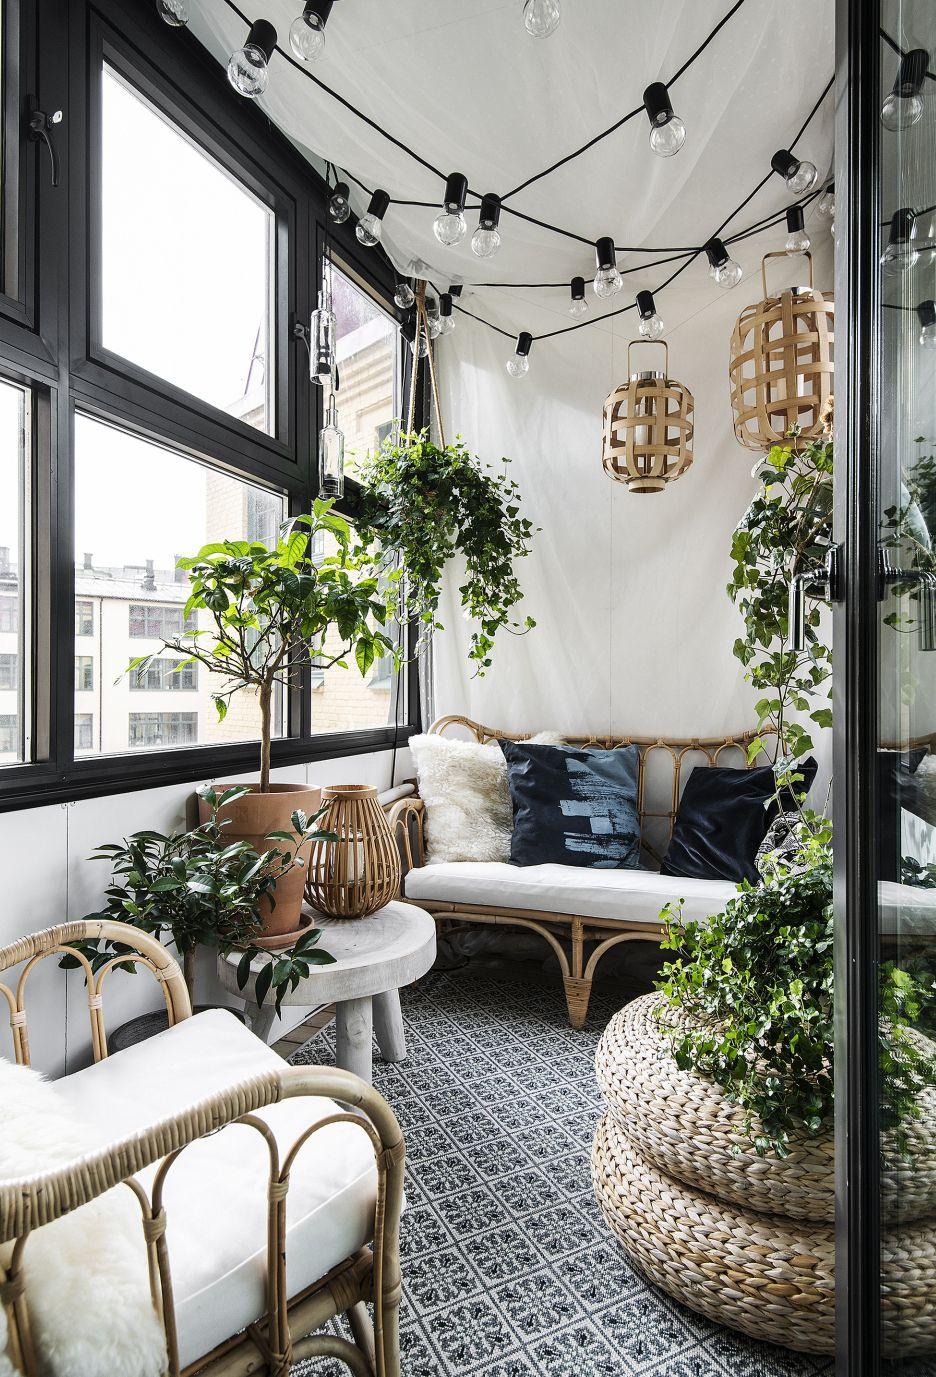 Photo of Cet appartement de 57m2 situé dans une ancienne usine possède un jardin d'hiver – PLANETE DECO a homes world